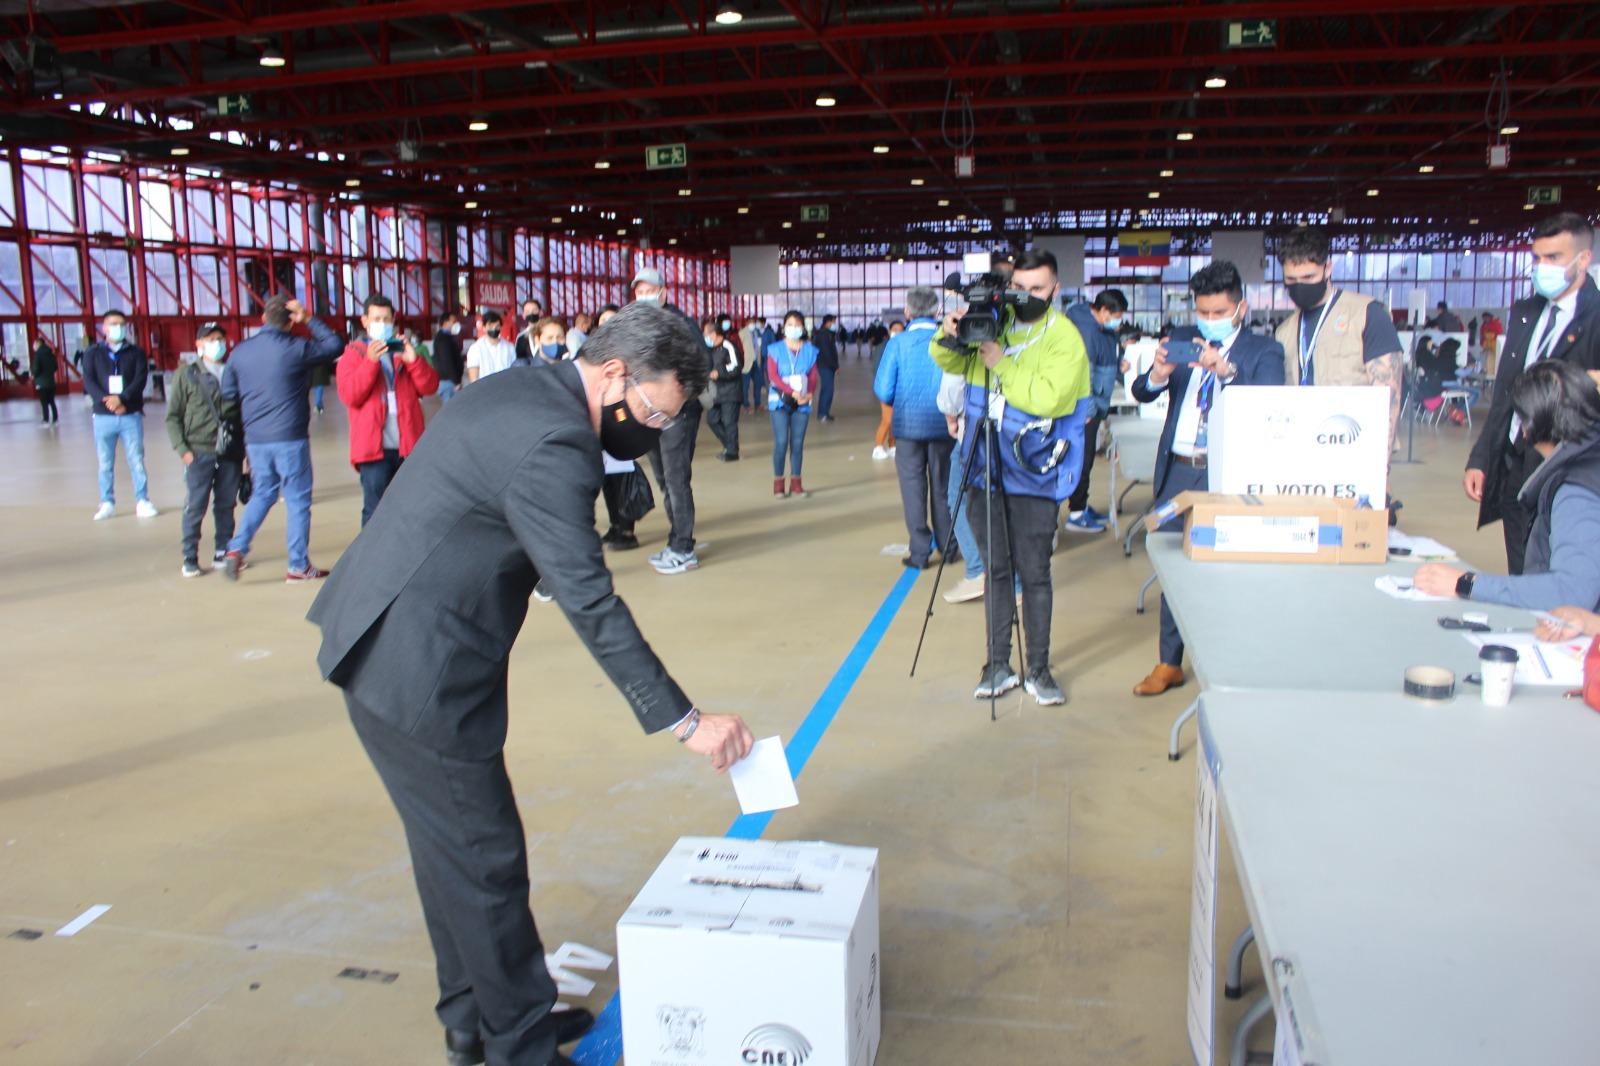 Elecciones presidenciales del Ecuador 2021 en Madrid - Segunda vuelta